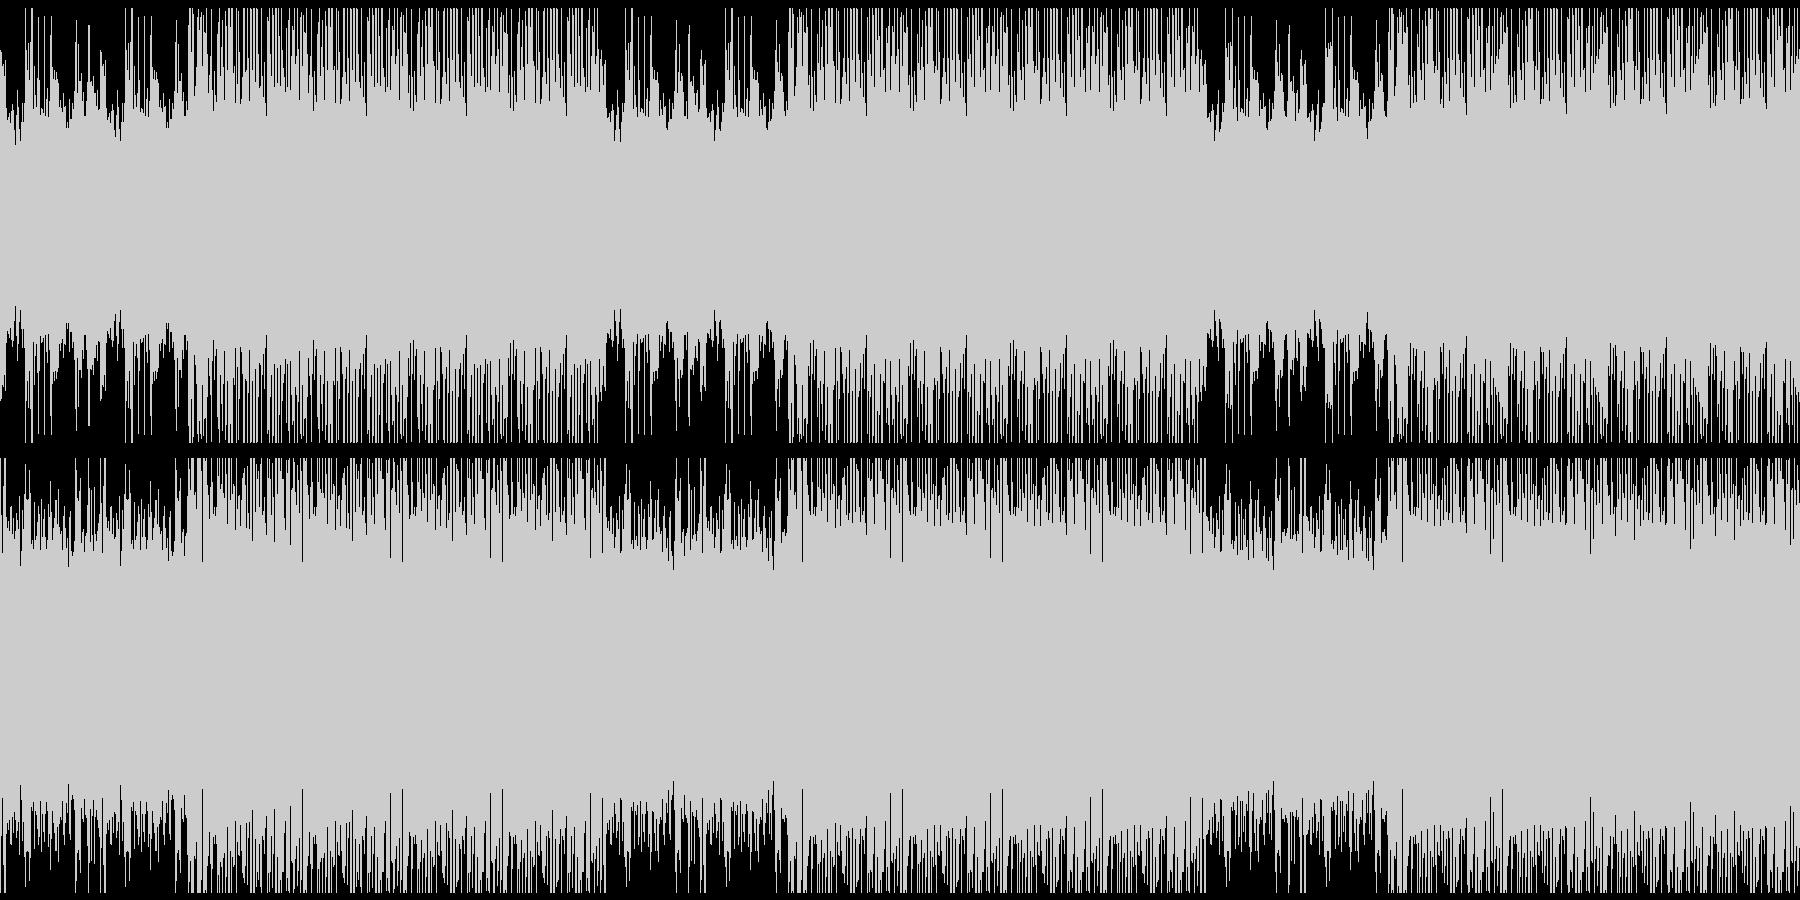 【高級感を演出するストリングス/ループ】の未再生の波形